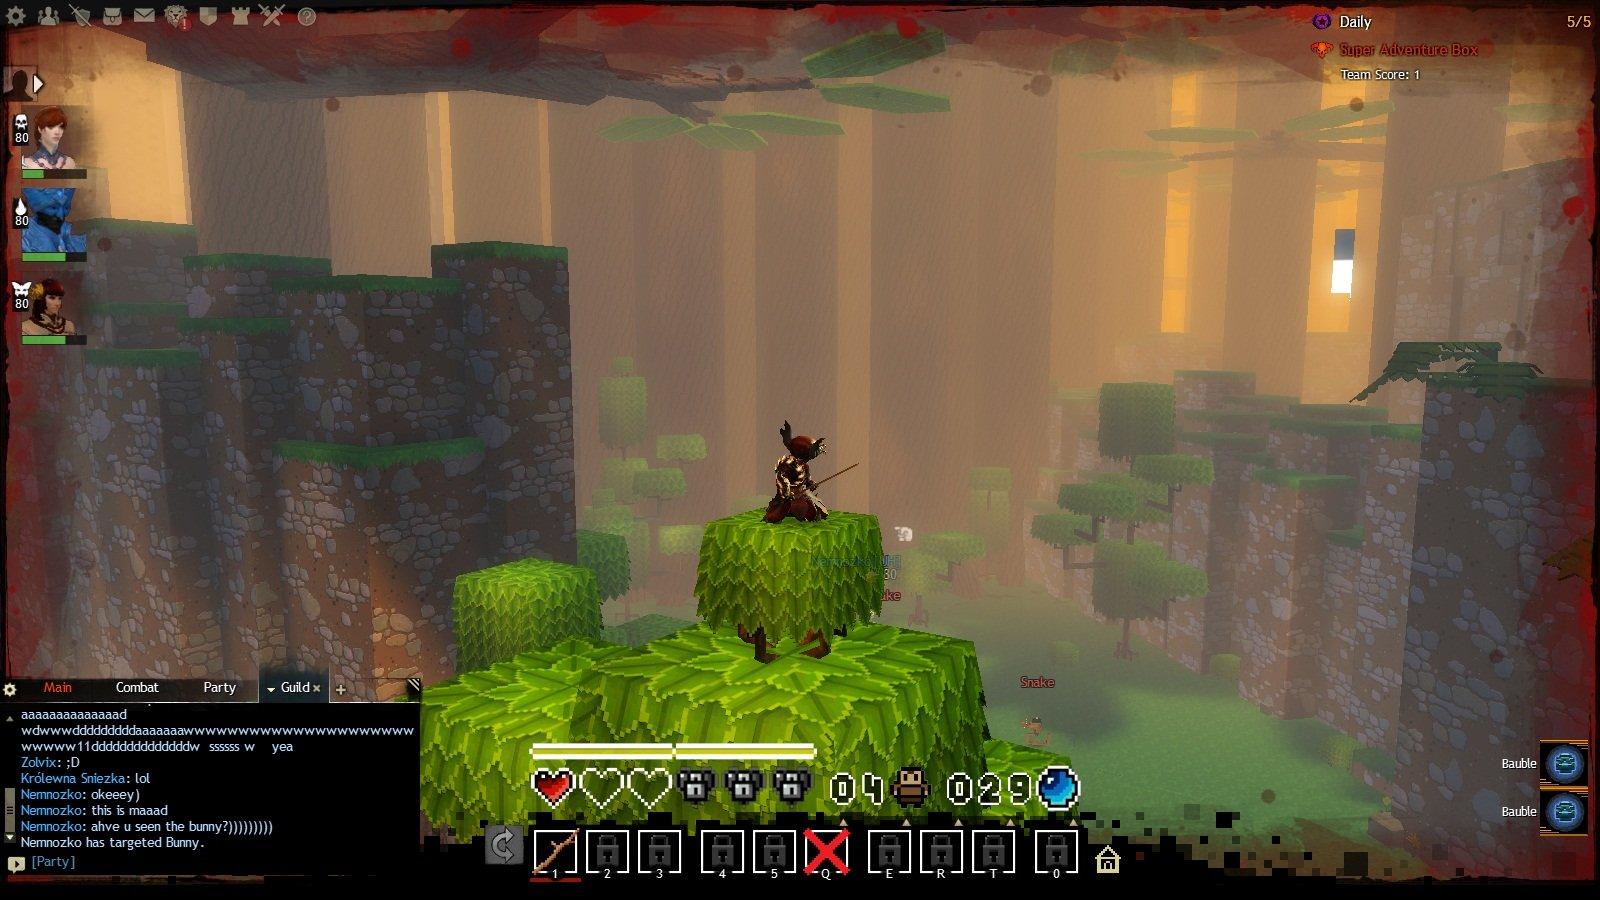 Первое апреля в Guild Wars 2. Там еще восьмибитная музыка играет на фоне <3 - Изображение 1